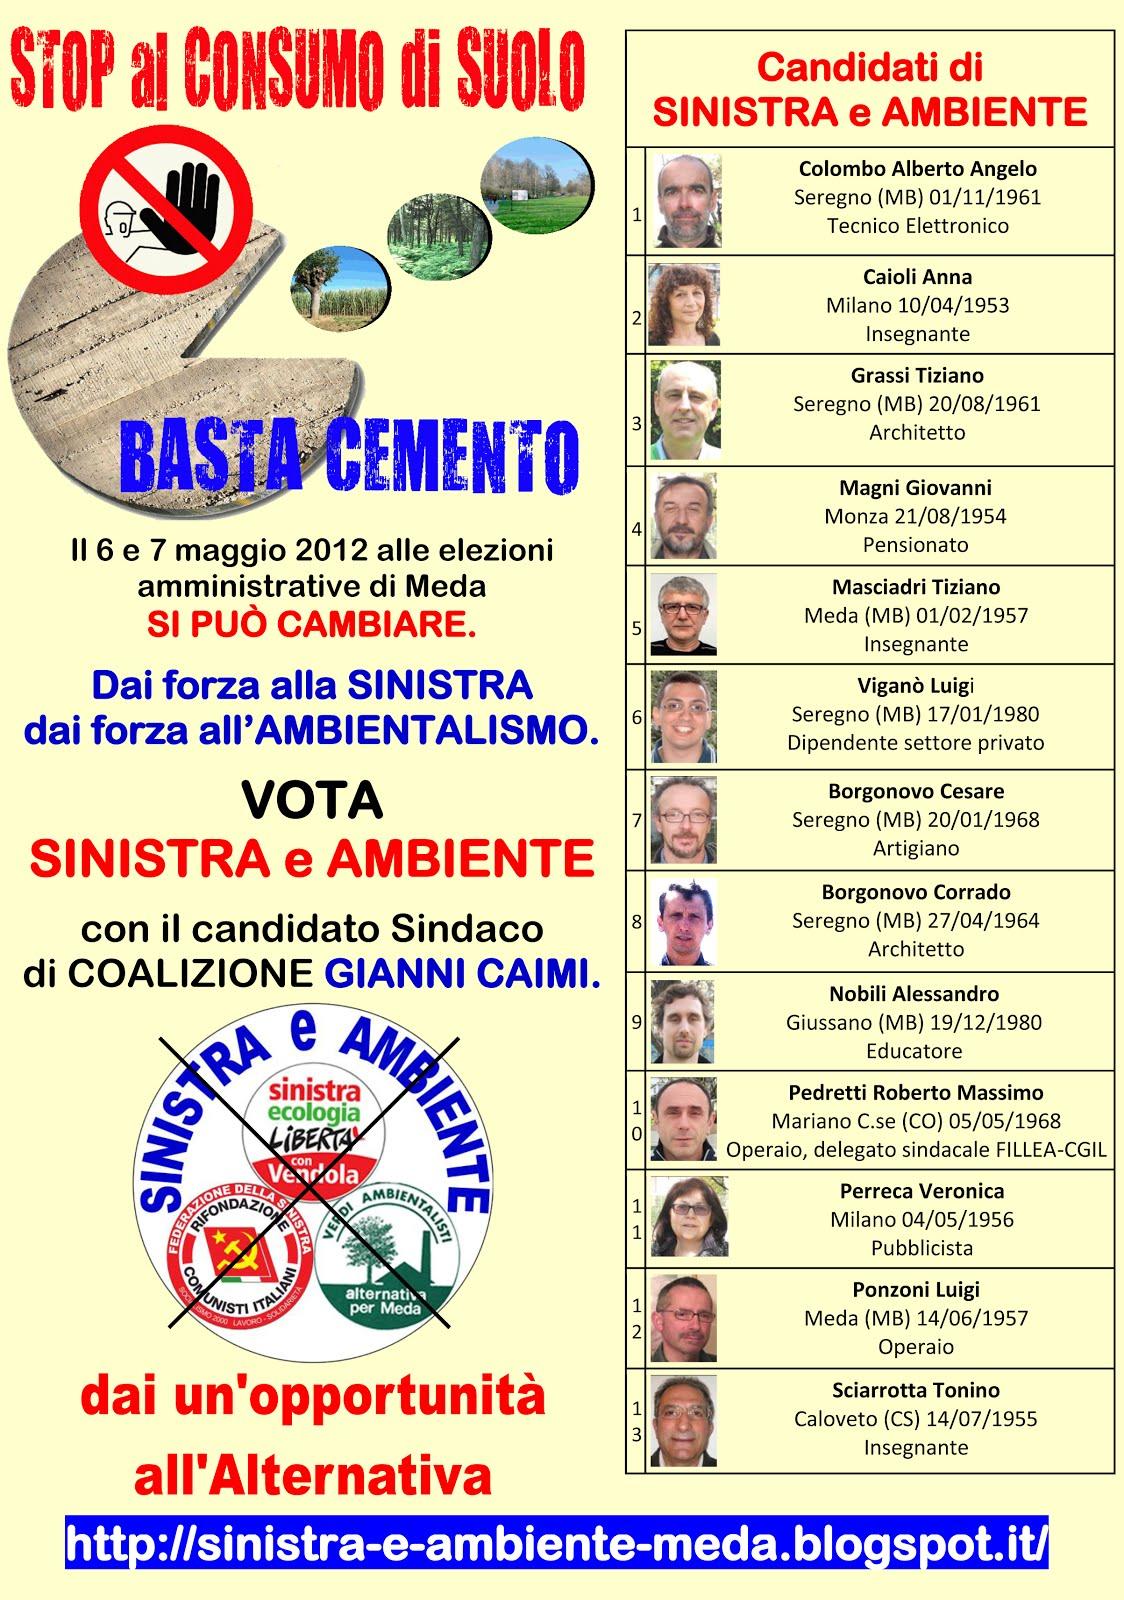 SINISTRA e AMBIENTE alle ELEZIONI AMMINISTRATIVE di MEDA del 2012